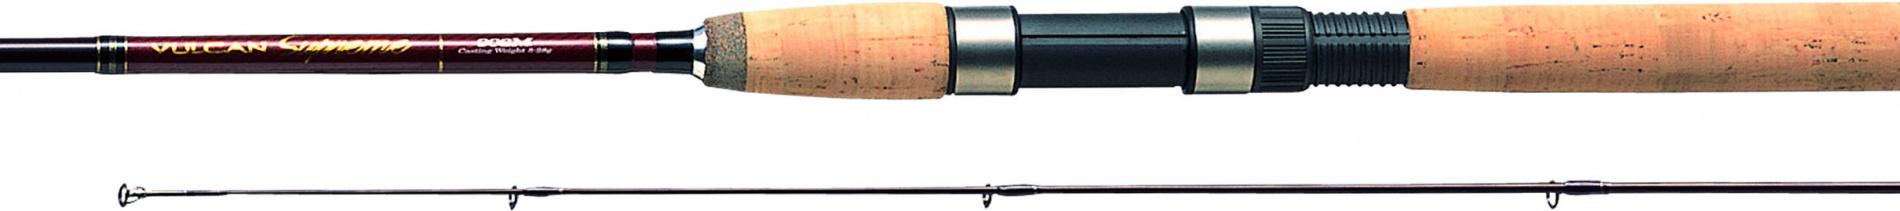 Спиннинг штек. DAIWA Vulcan Supreme 1002 M 3,03м (6-18г)Спинниги<br>Профессиональные спиннинги, которые отвечают <br>любым требованиям рыболова . » Изготовлены <br>из высококачественного углепластика » <br>Быстрый строй » Широкий выбор из 14 моделей <br>(от 7 до 10 футов) » Высококачественный катушкодержатель <br>Fuji » Высококачественная пробковая рукоятка<br>